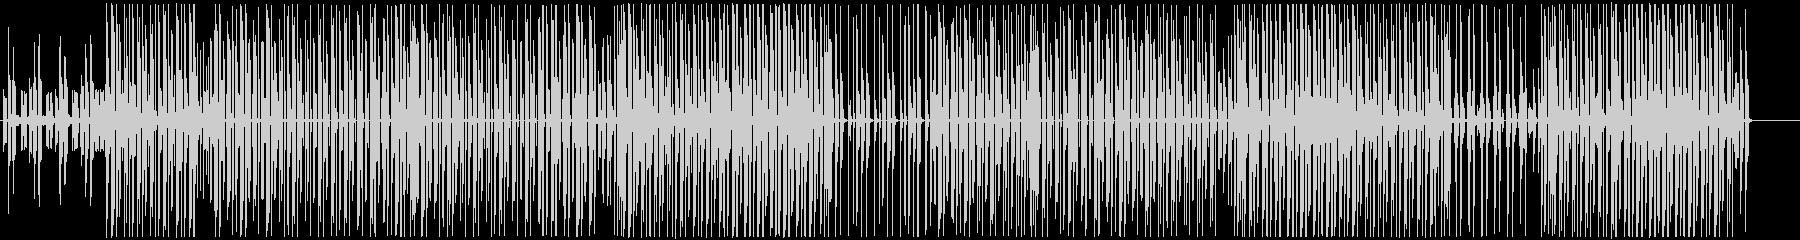 レゲトン、ラテン、ダンスホールトラック♪の未再生の波形